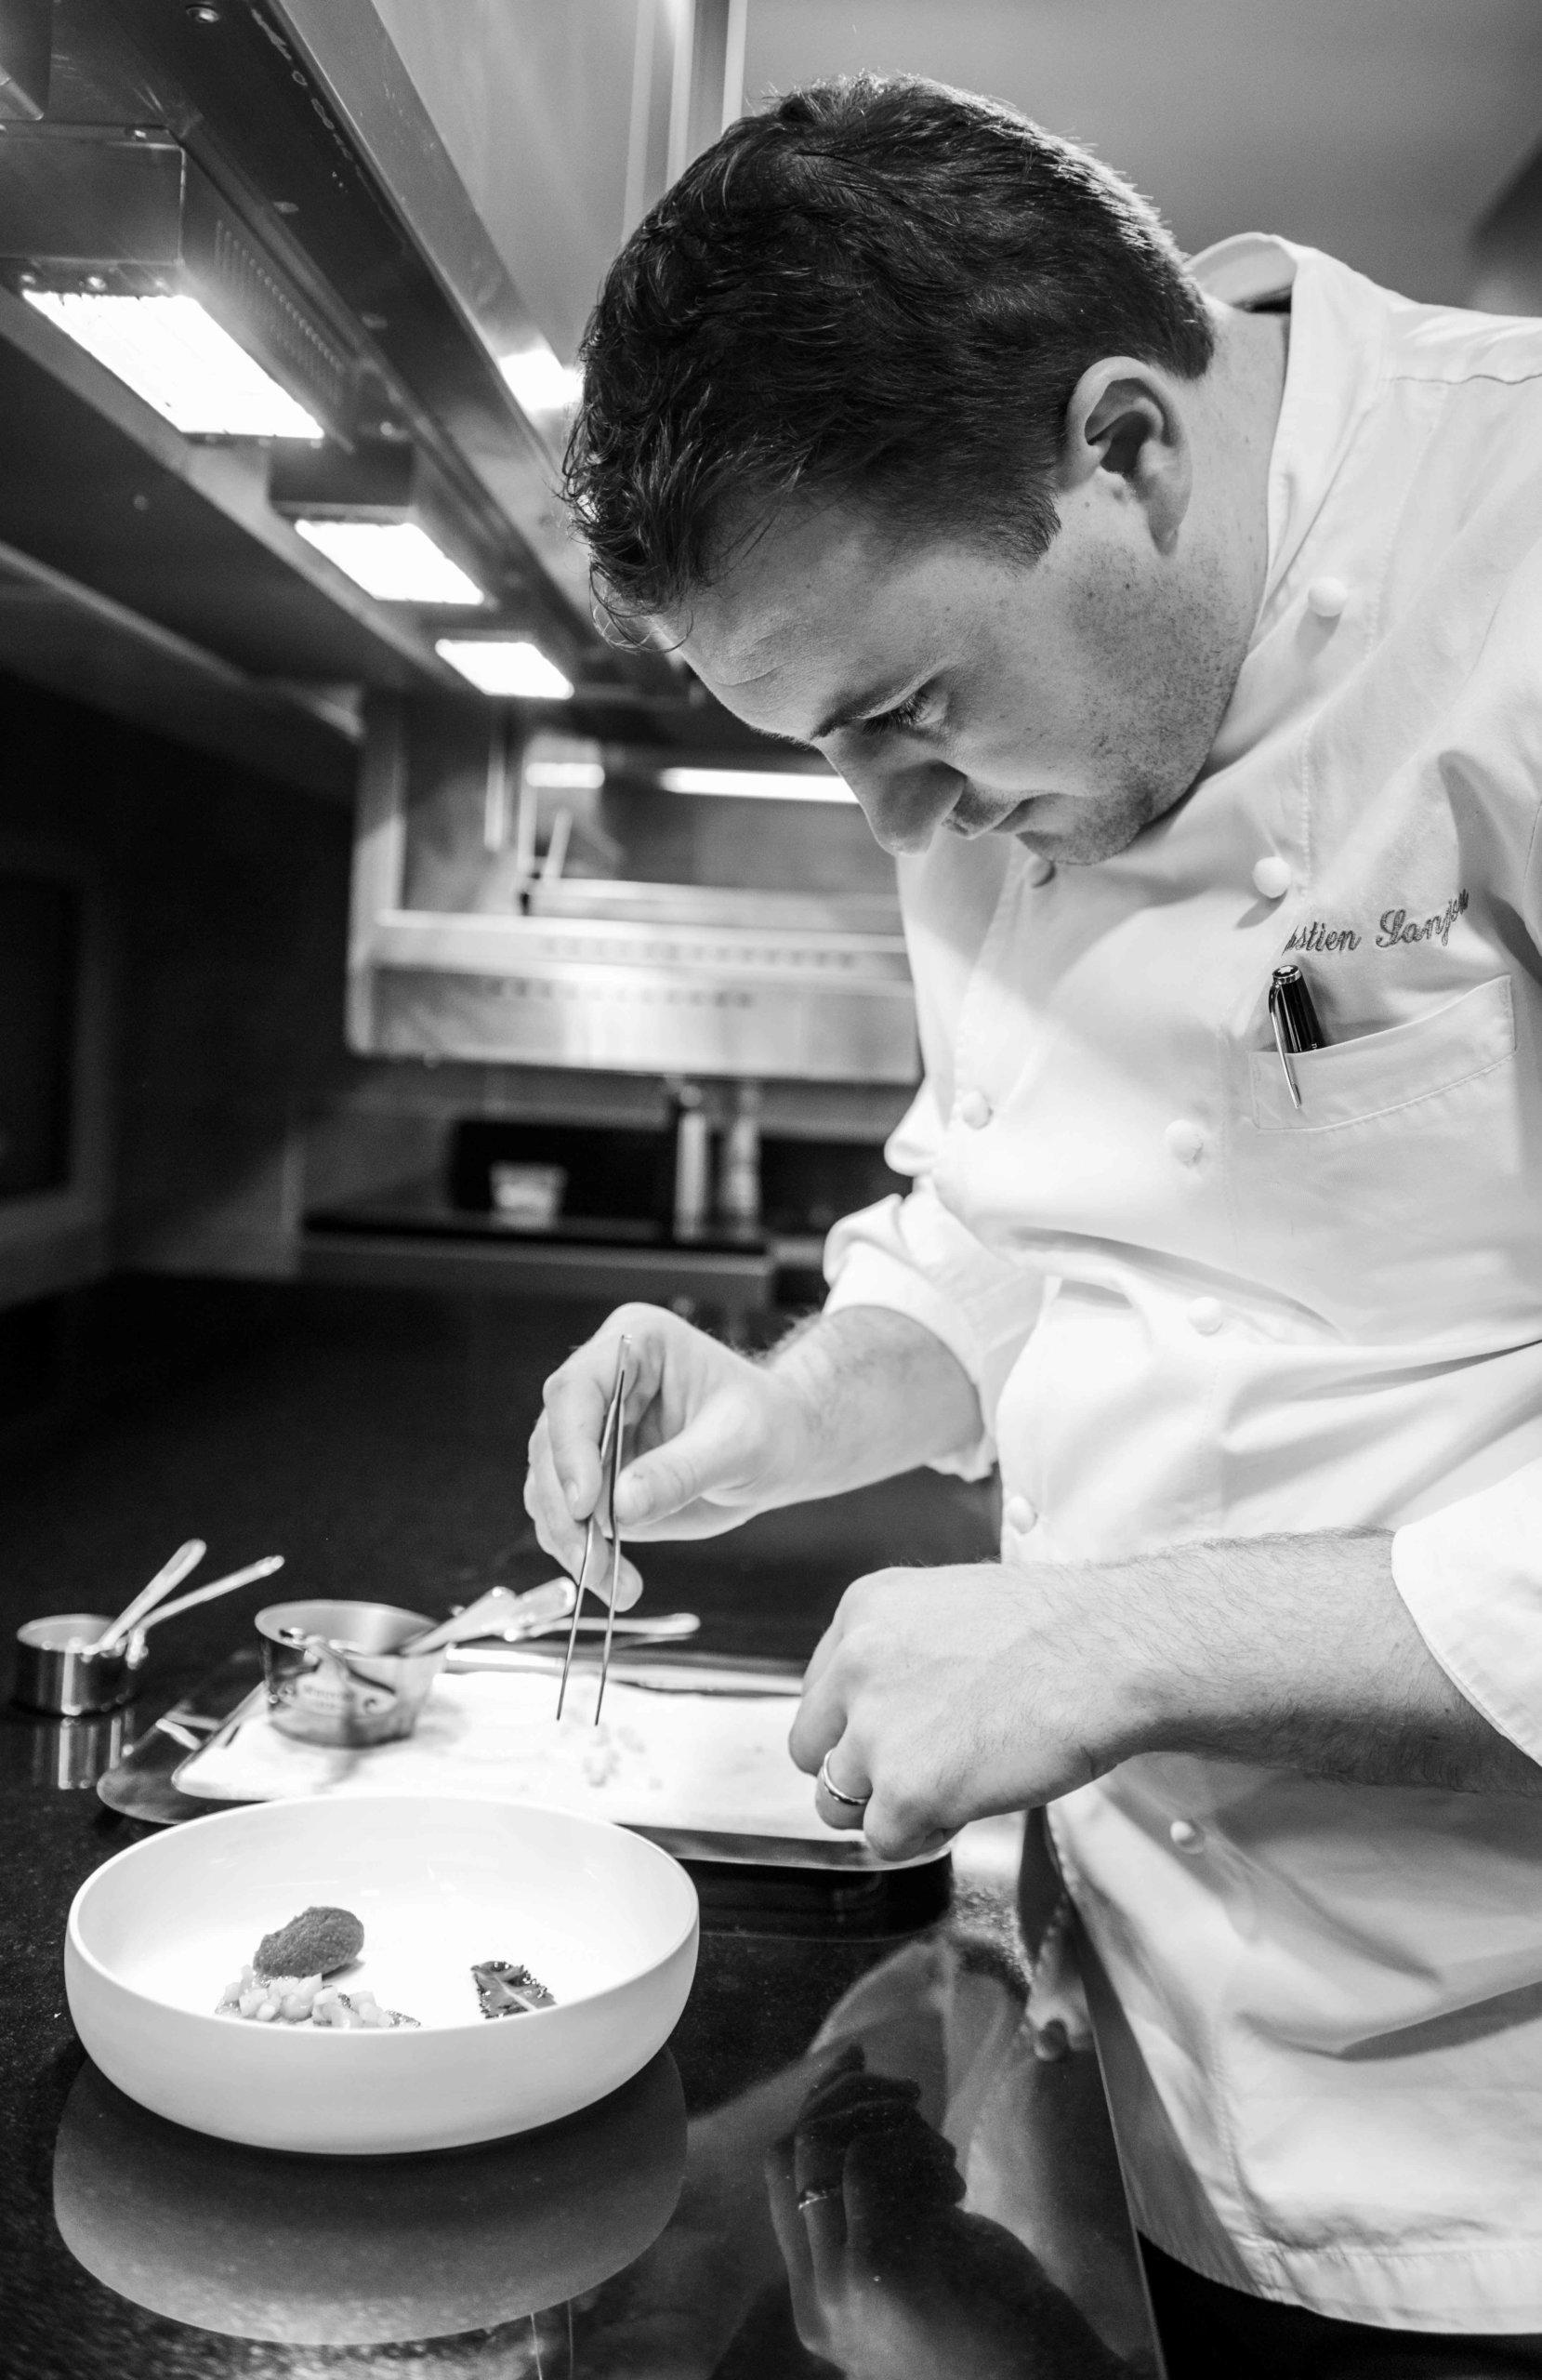 Chef en veste dans sa cuisine prépare un plat